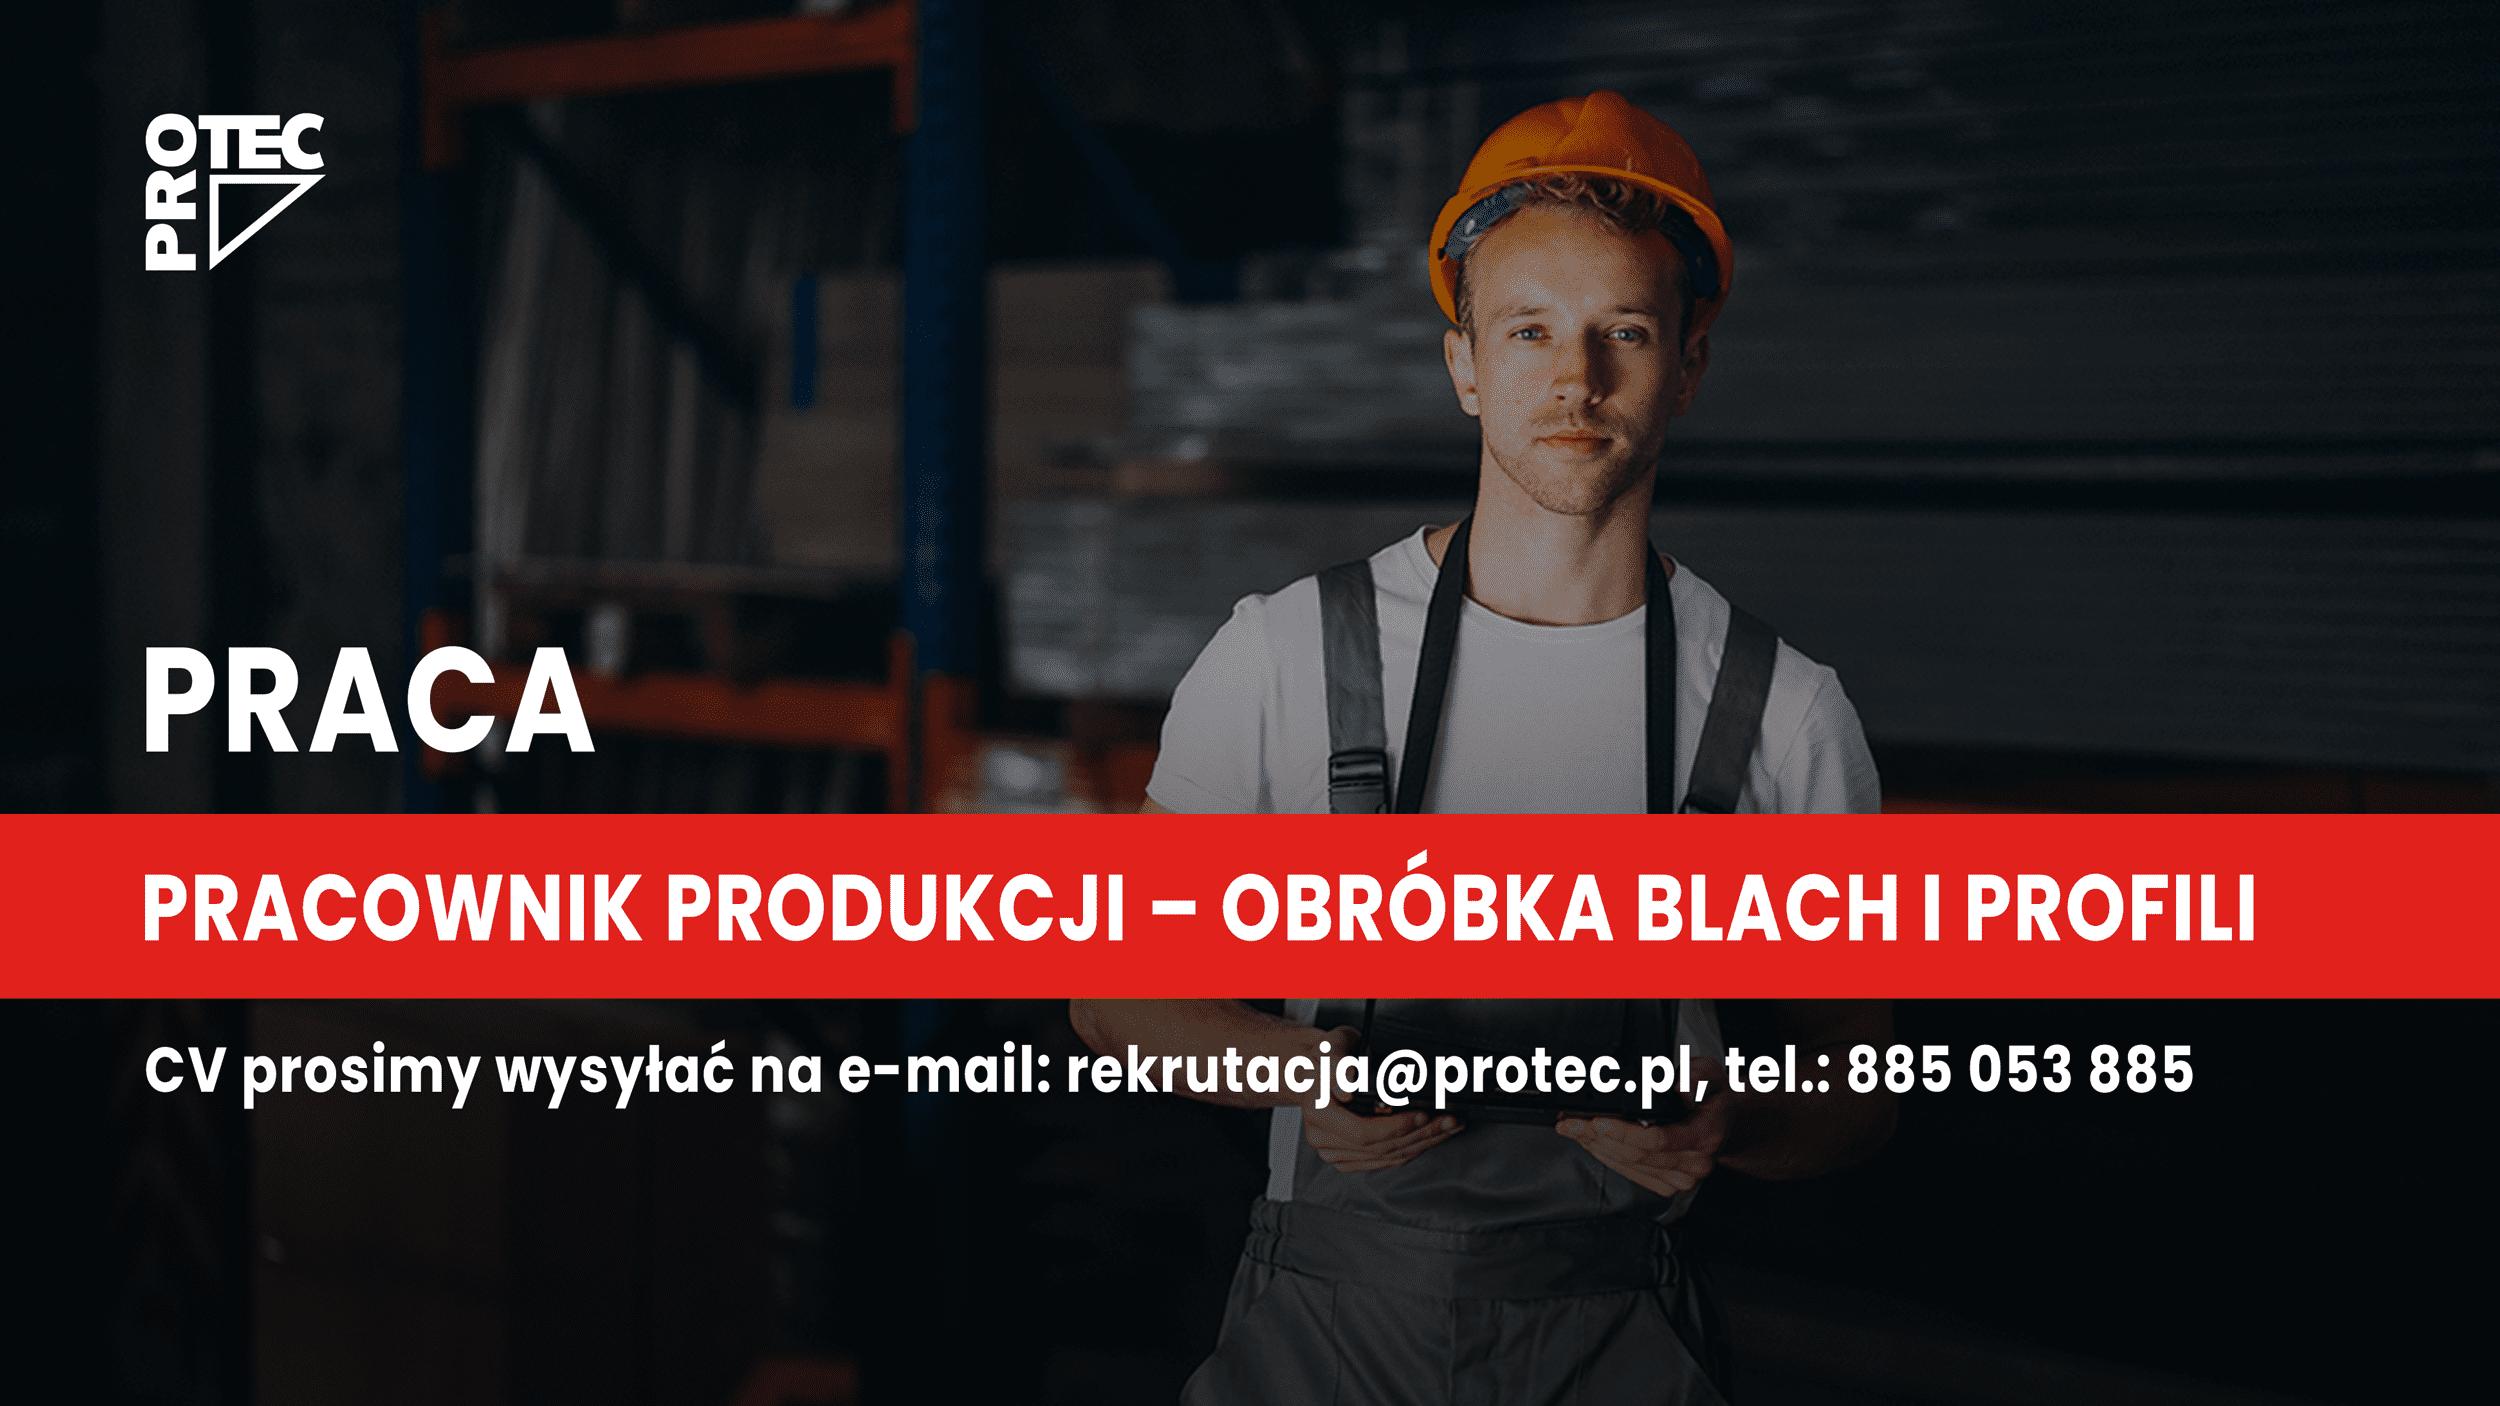 Pracownik Produkcji – obróbka blach iprofili